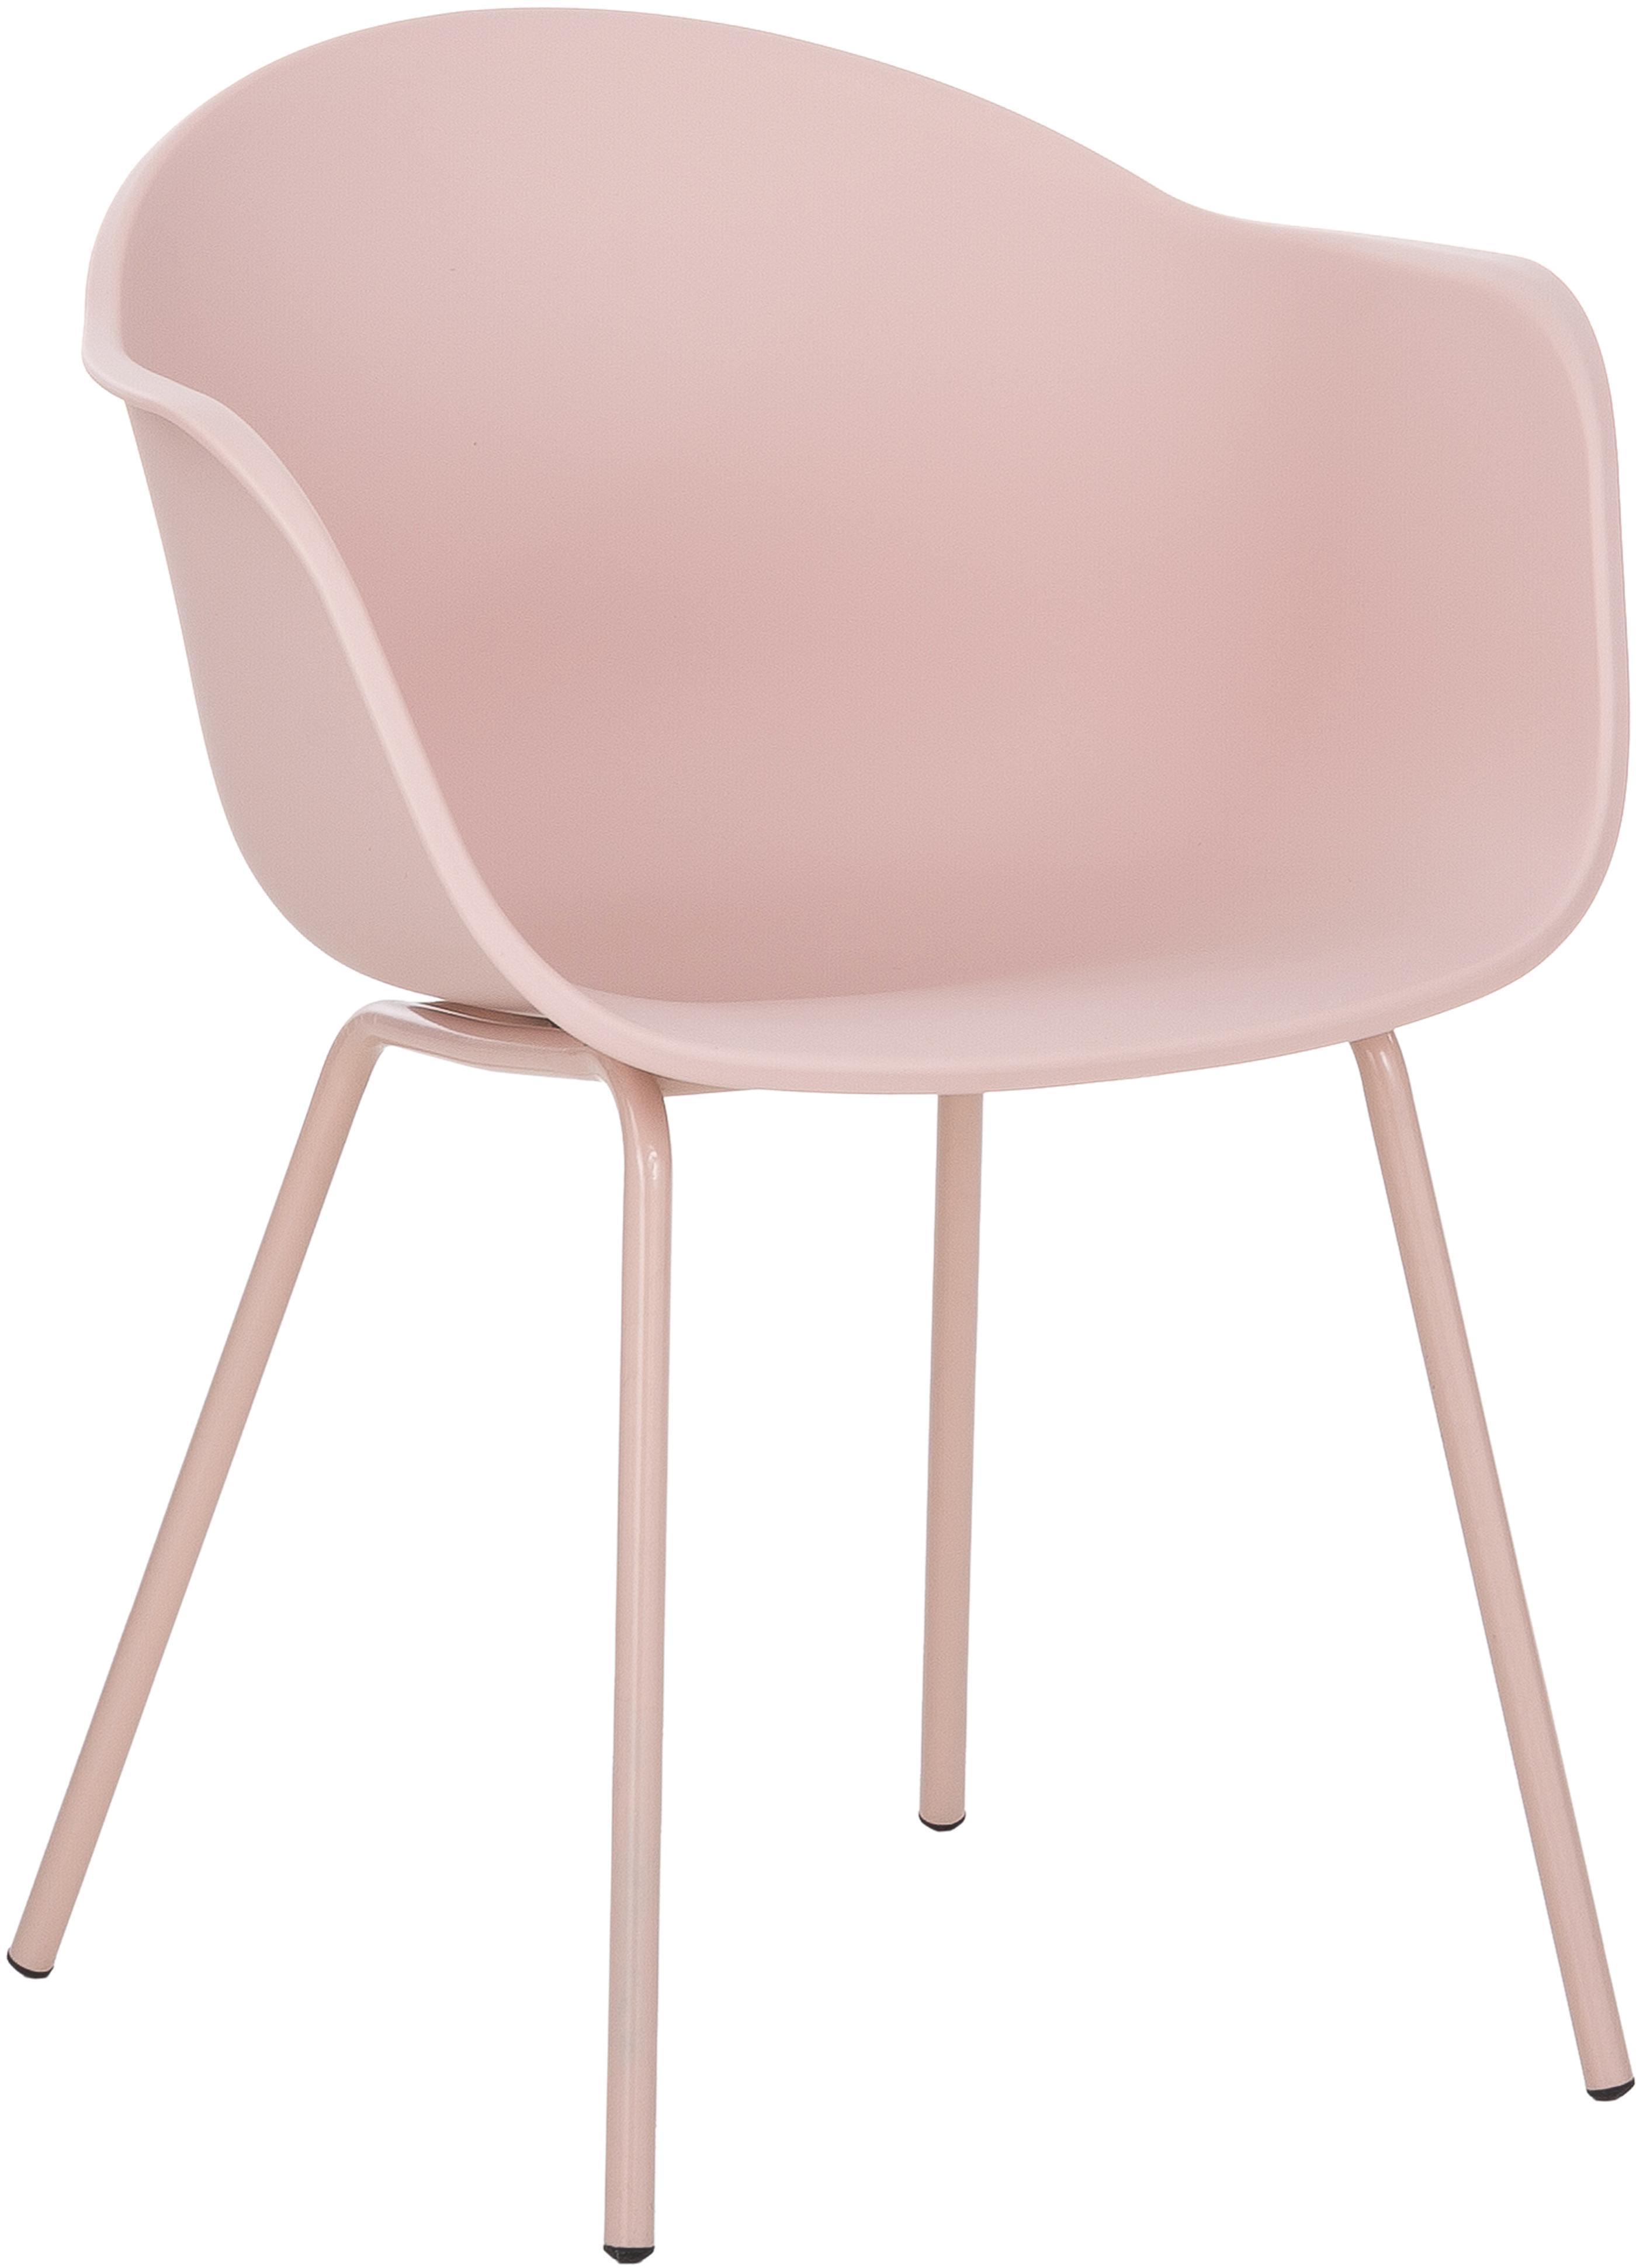 Kunststoff-Armlehnstuhl Claire mit Metallbeinen, Sitzschale: Kunststoff, Beine: Metall, pulverbeschichtet, Rosa, B 54 x T 60 cm